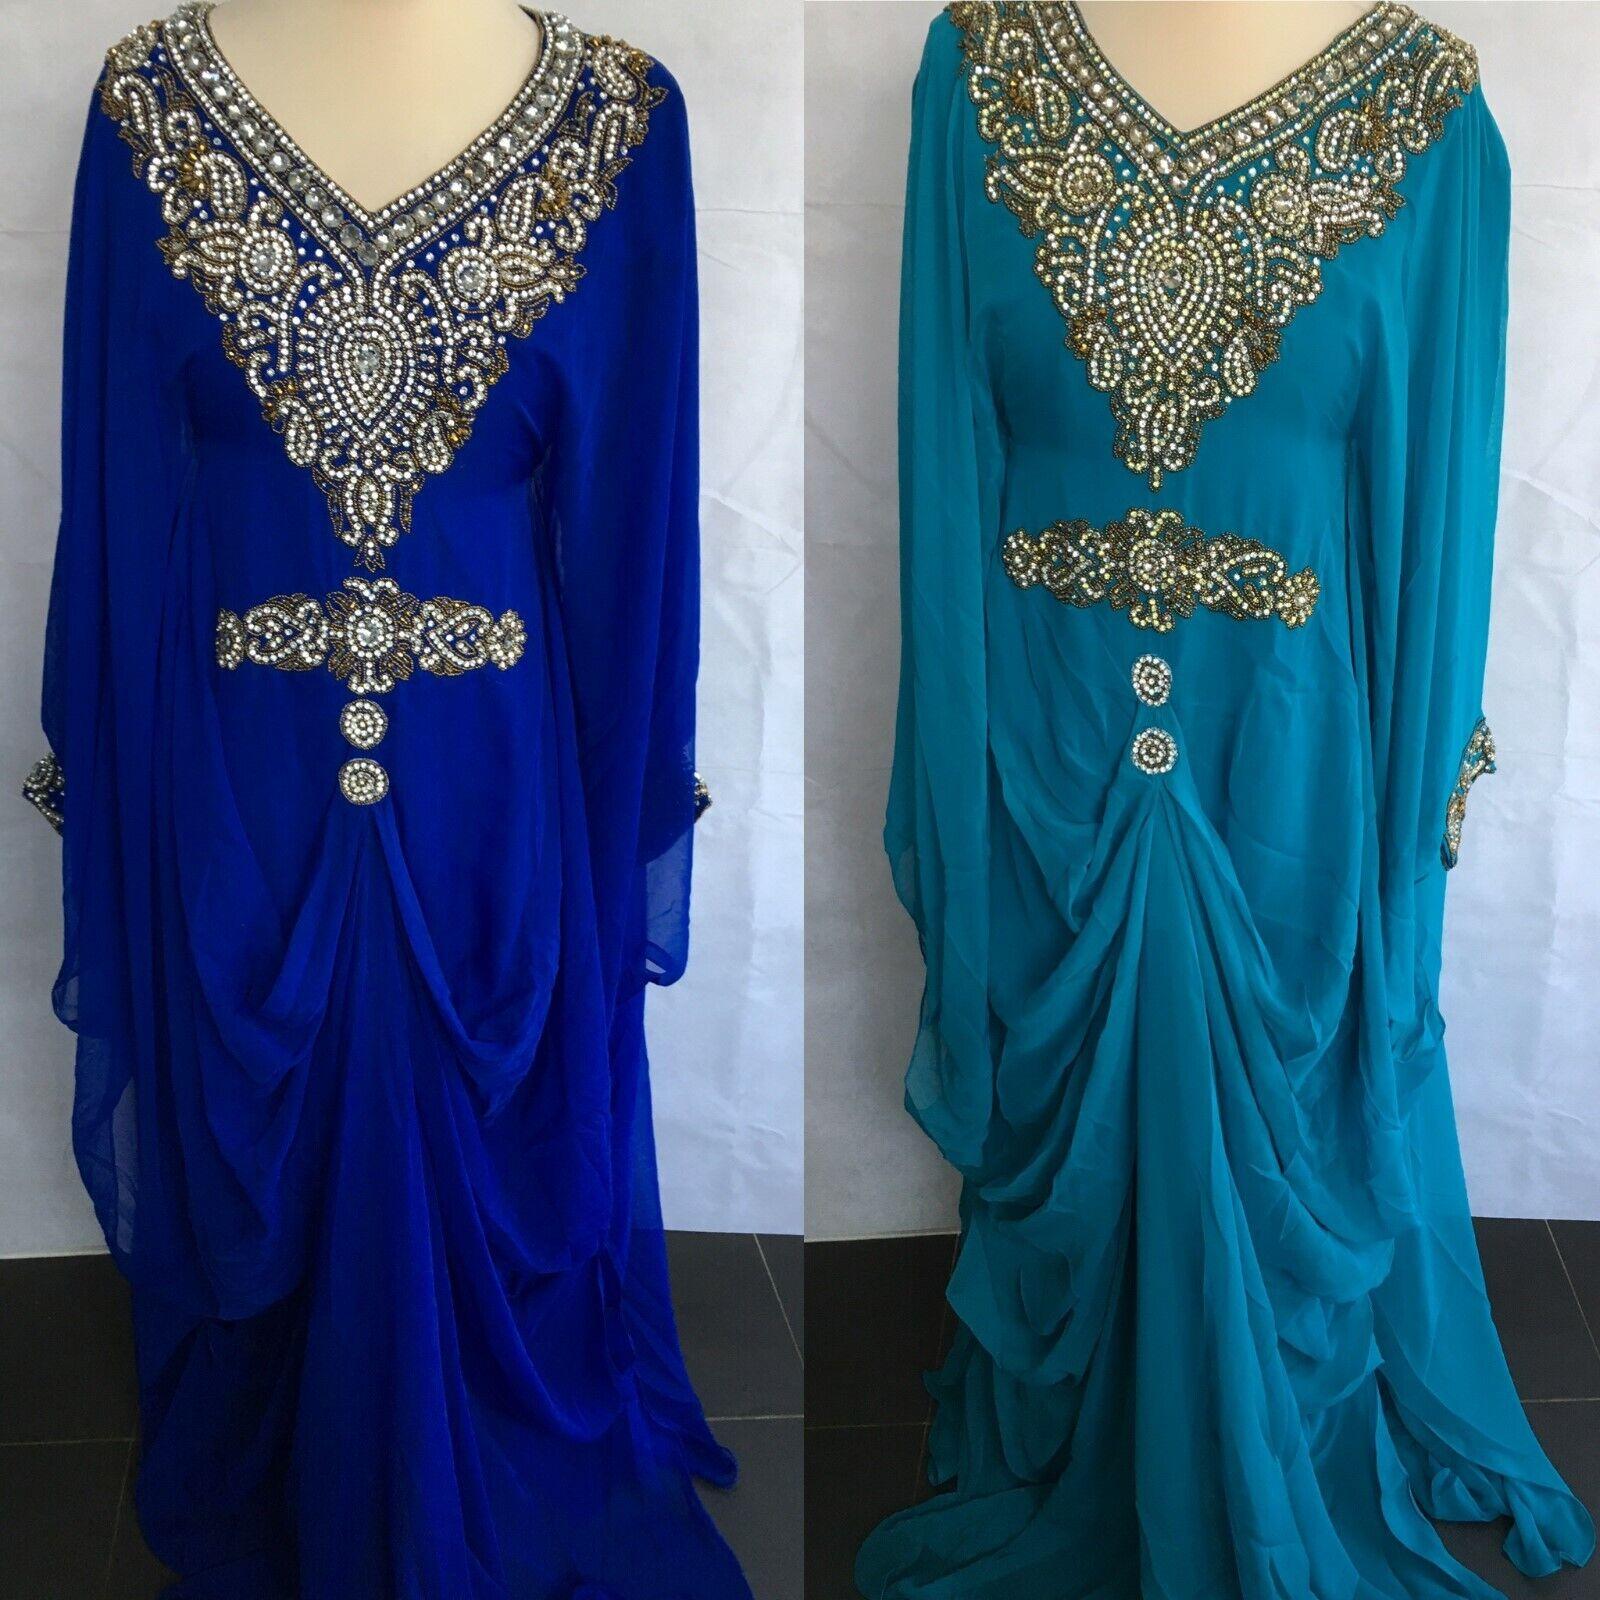 NEW J61 Dubai Kaftan Farasha Jalabiya Maxi Dress Butterfly in Blau & Turquoise